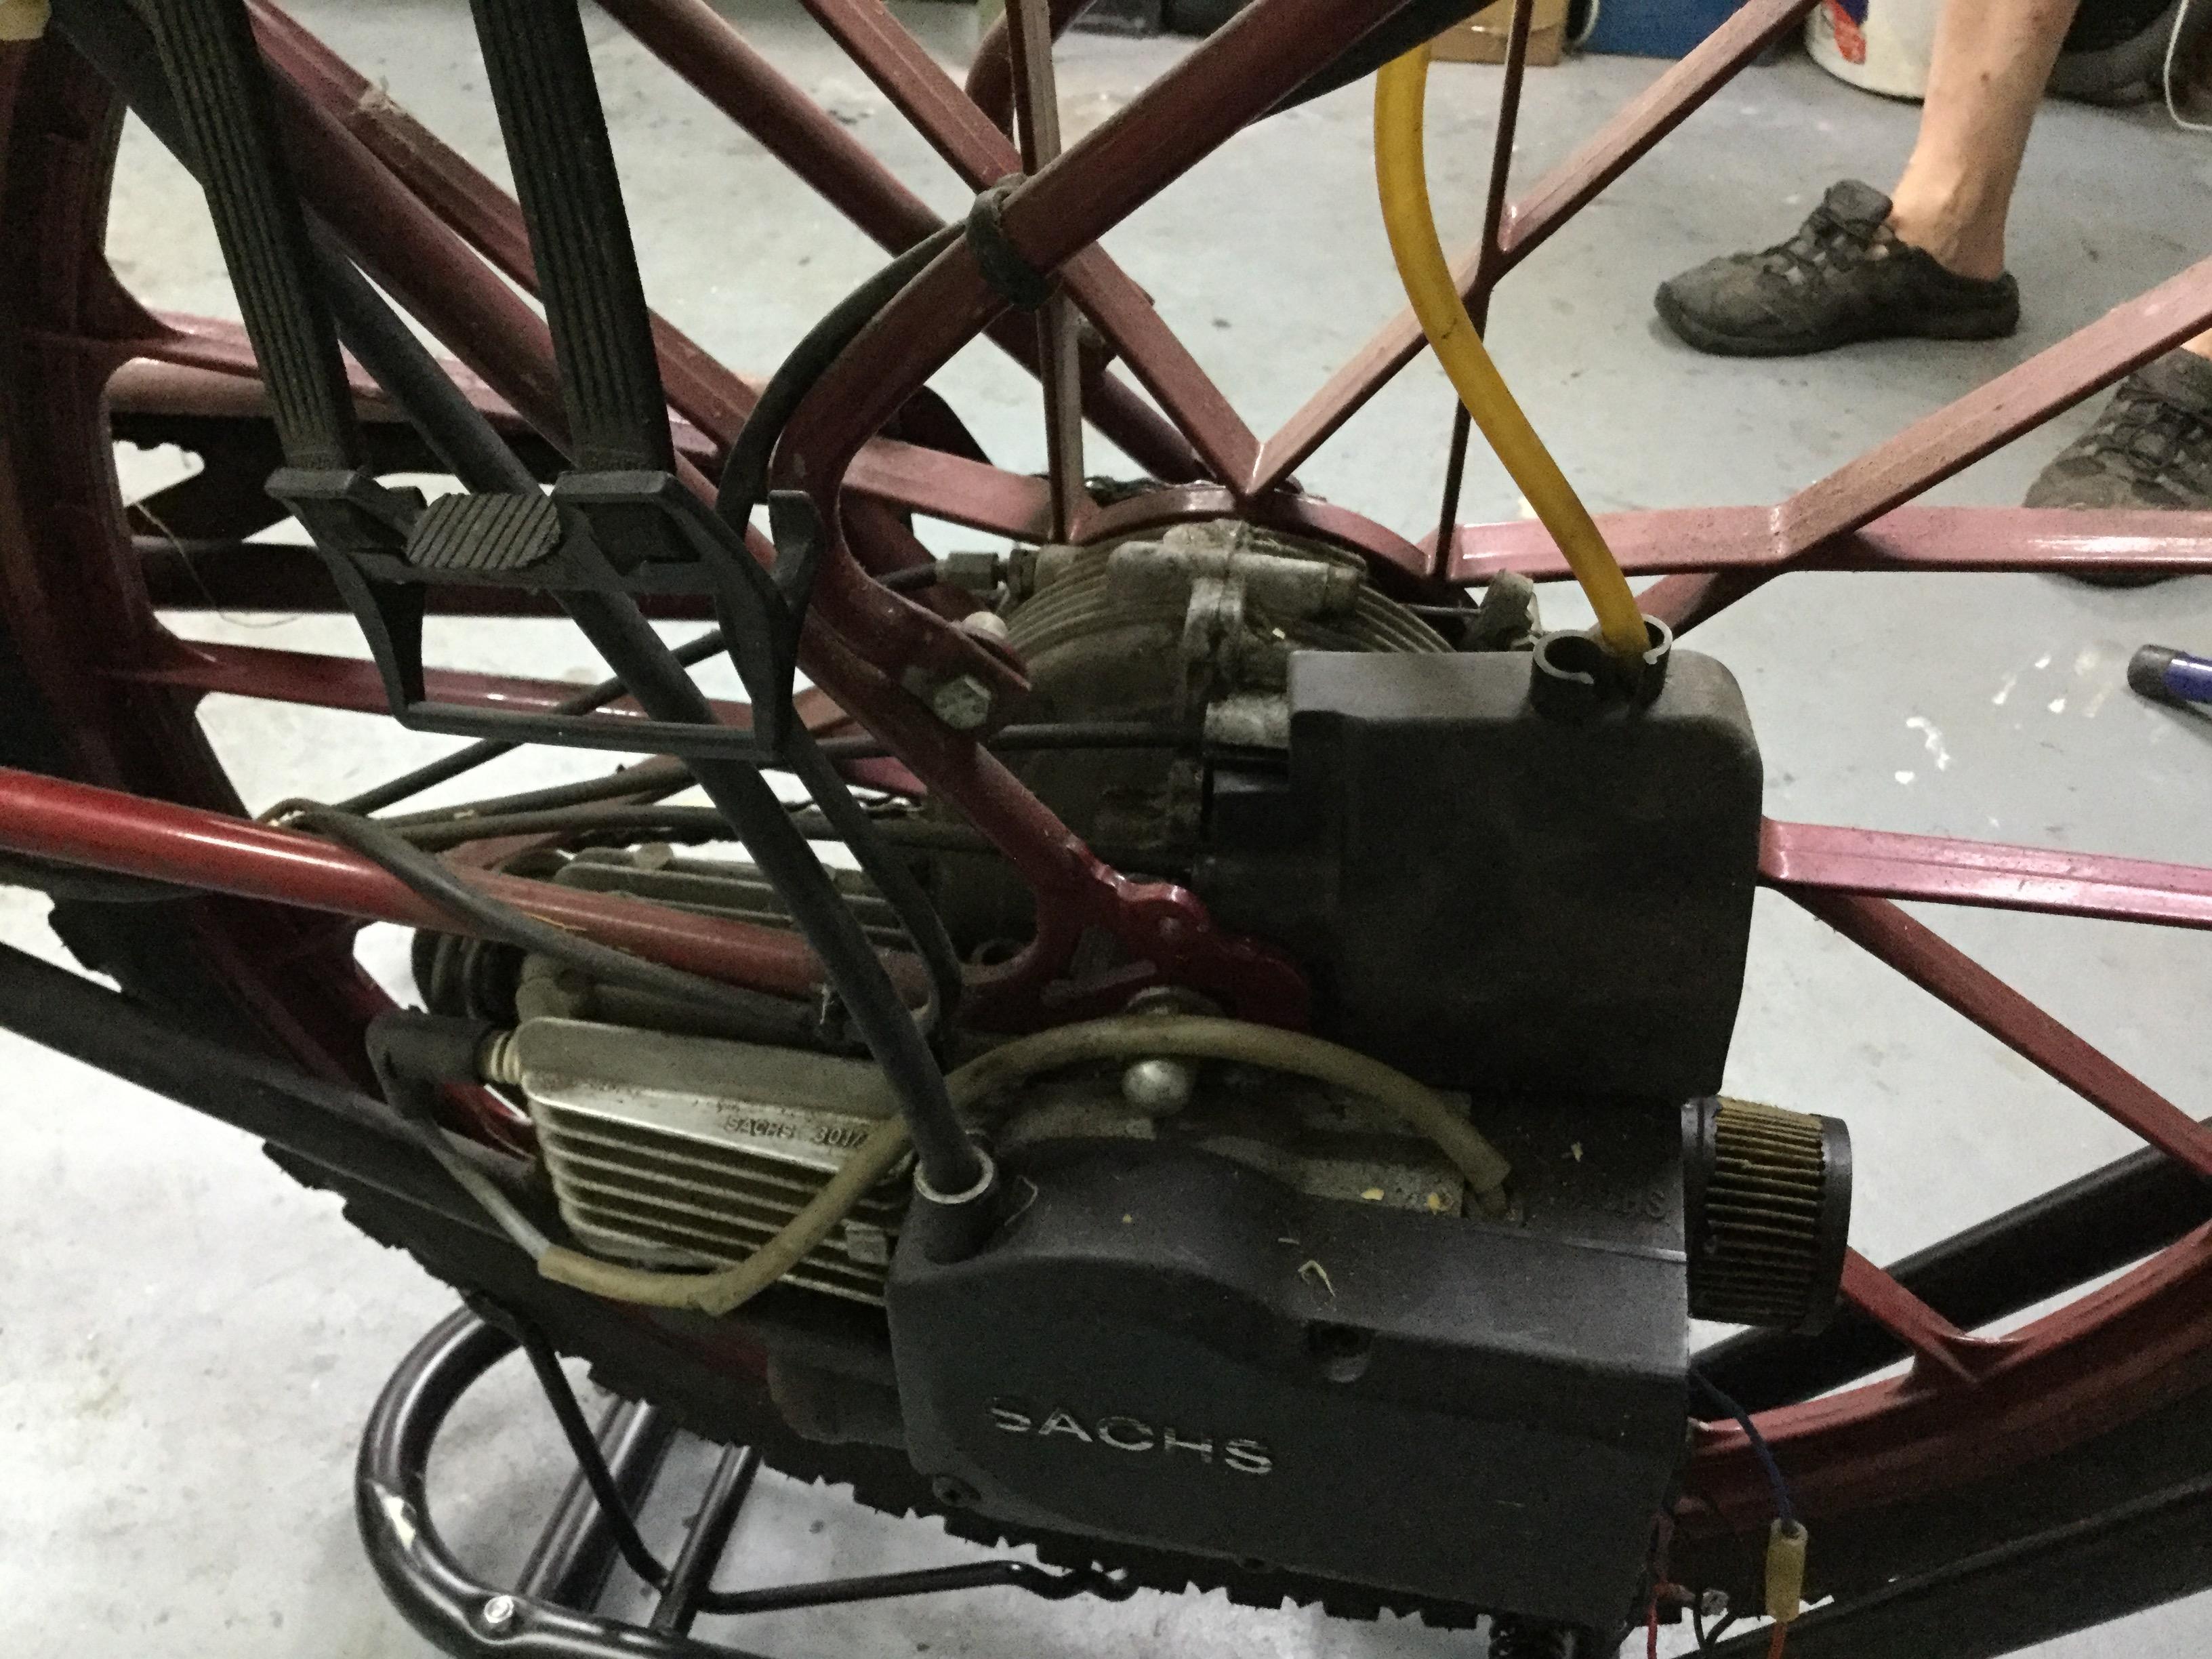 Saxonette Motor